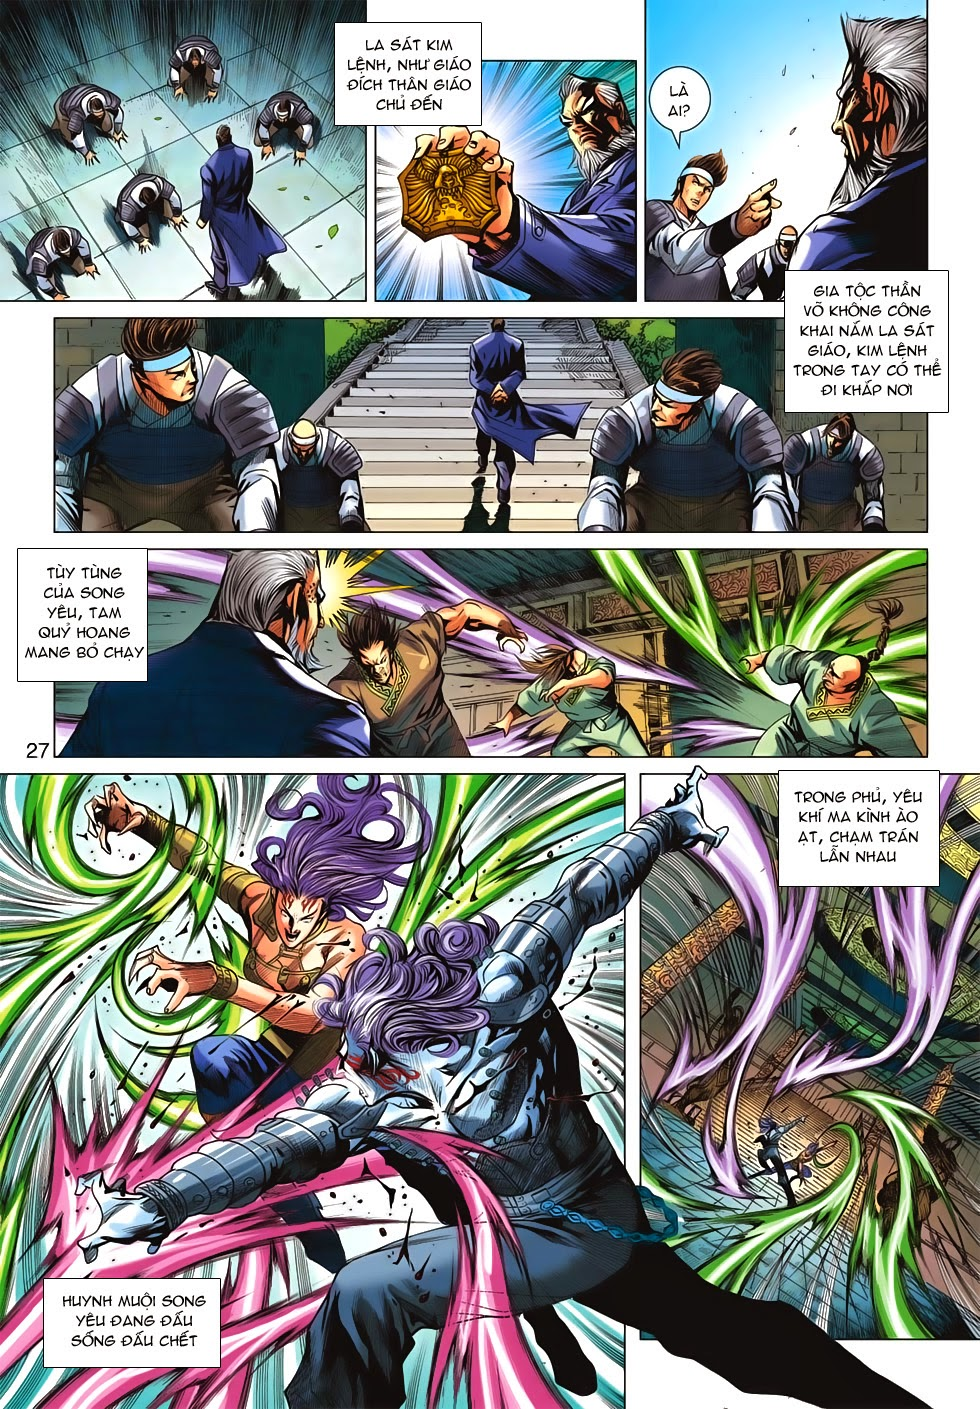 Tân Tác Long Hổ Môn trang 27